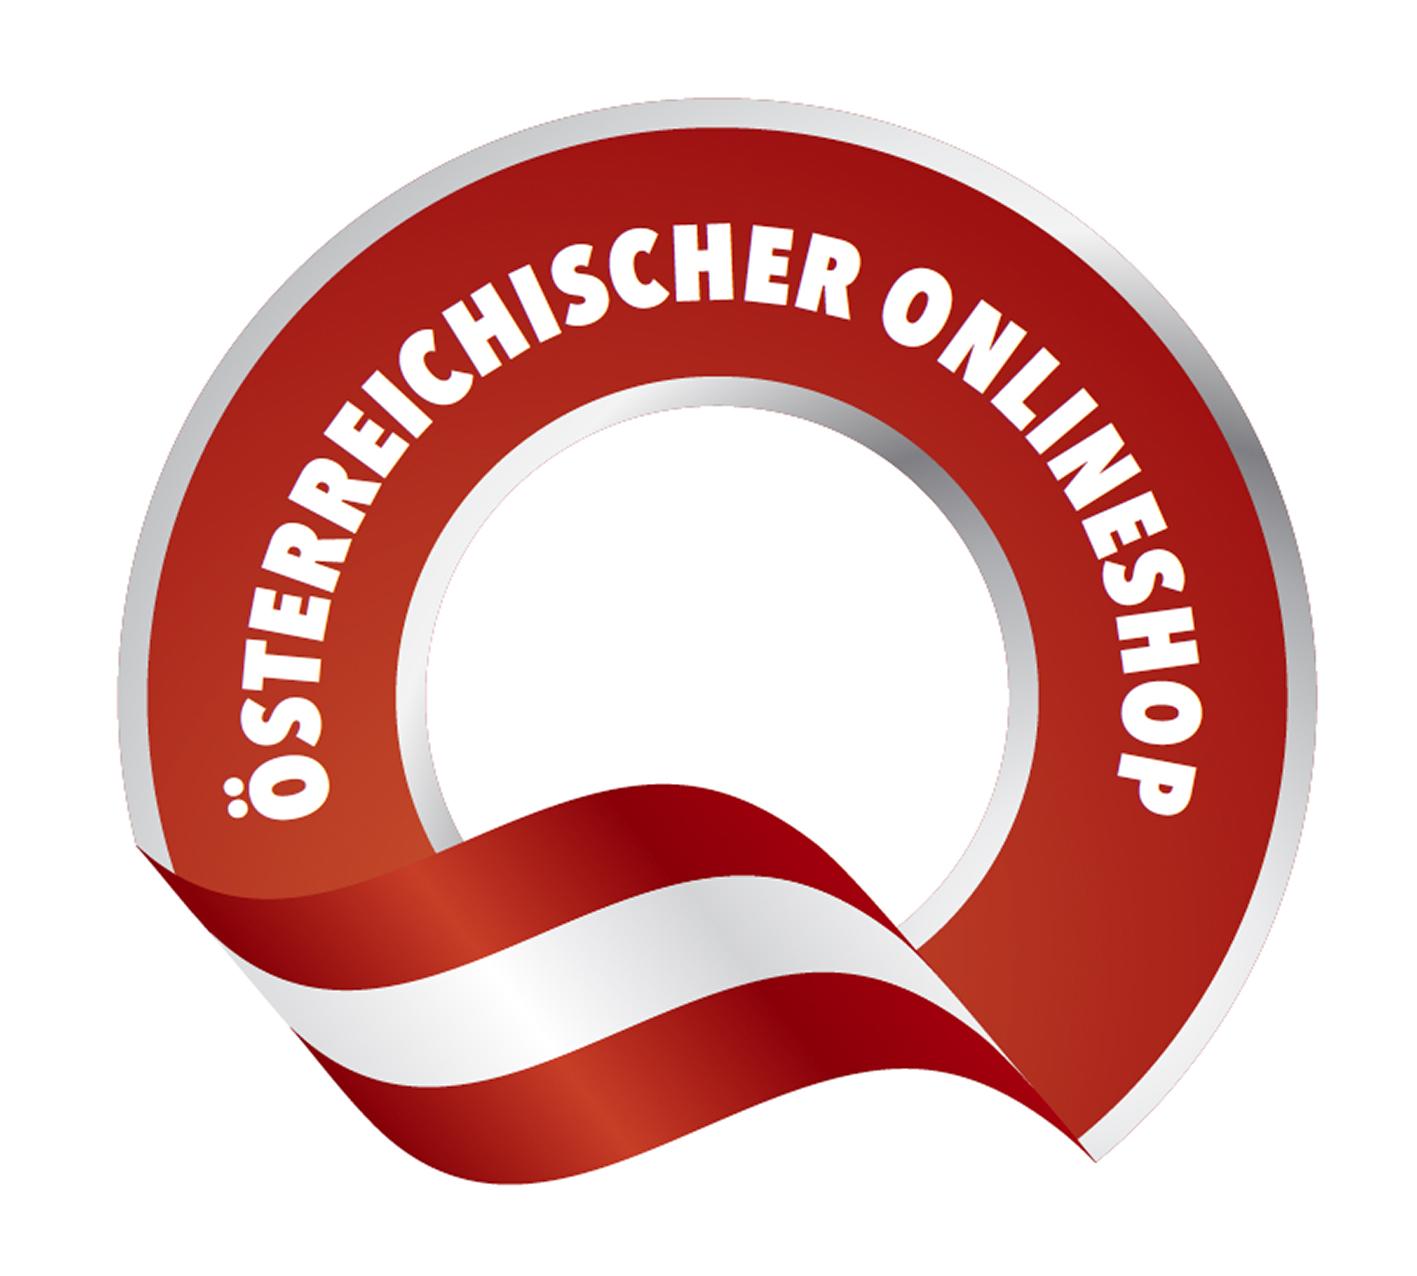 Oesterreichischer Onlineshop